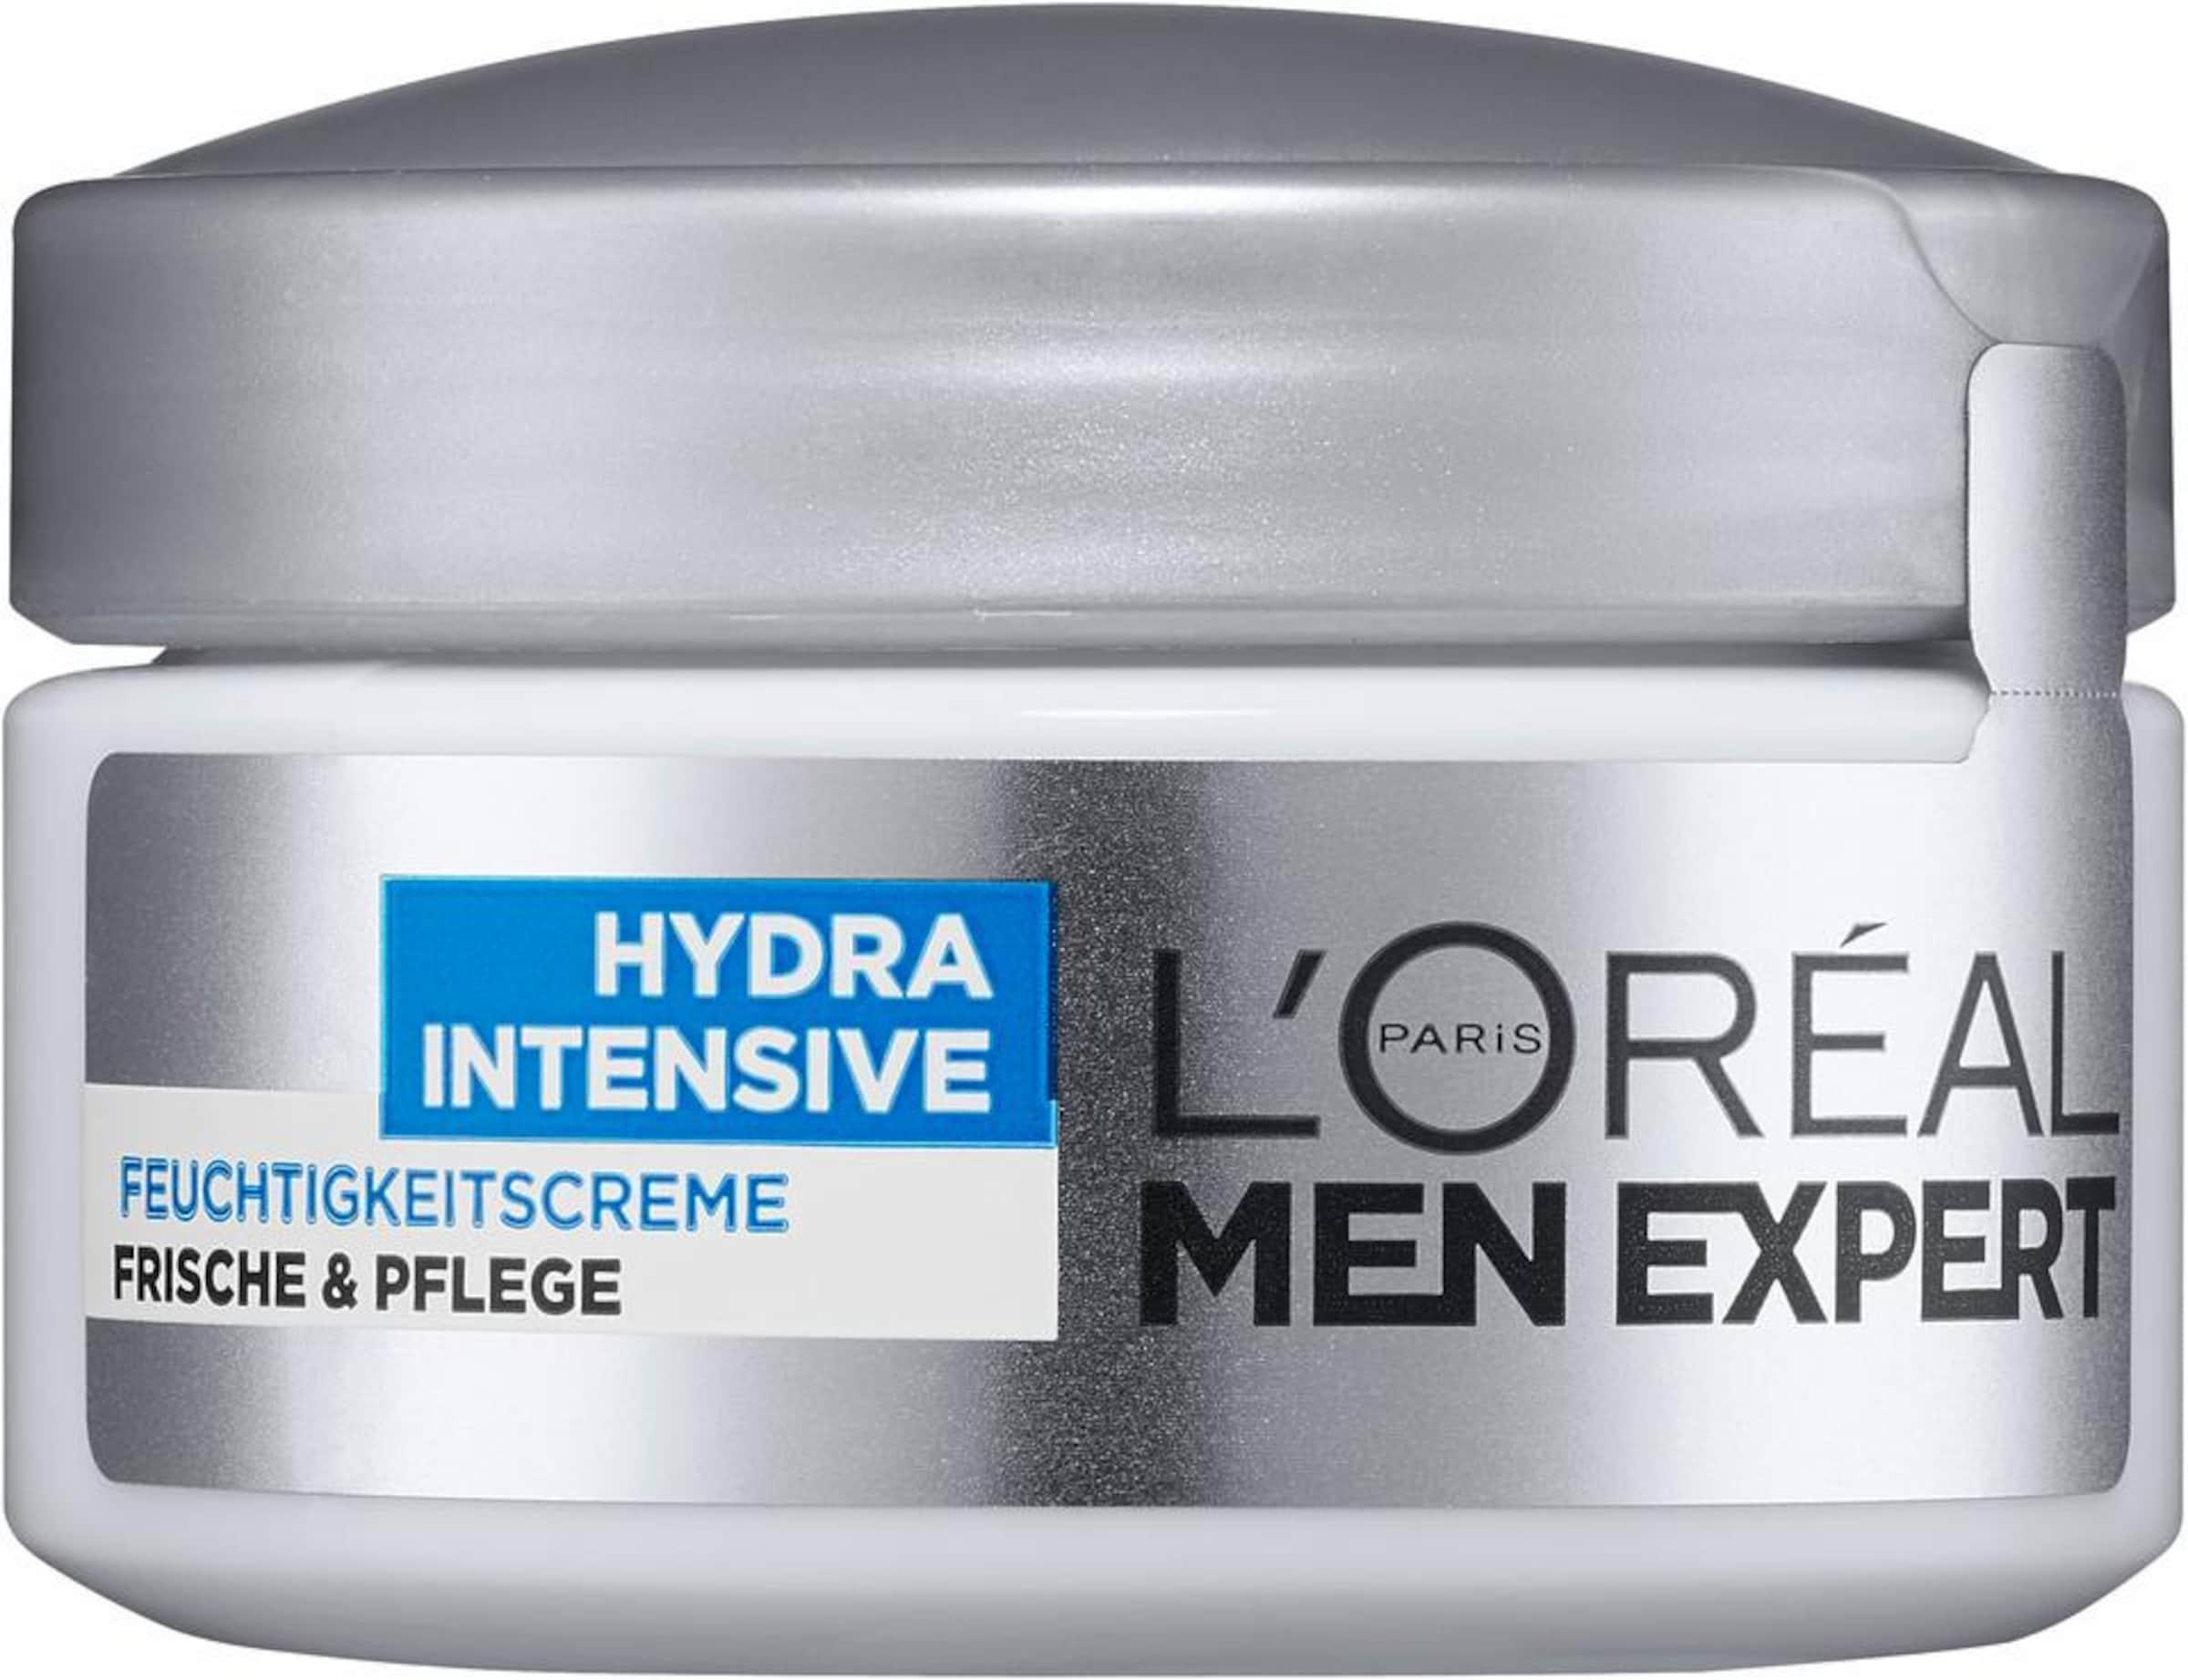 L'Oréal Paris men expert 'Hydra Intensive Feuchtigkeitspflege', Männerpflege